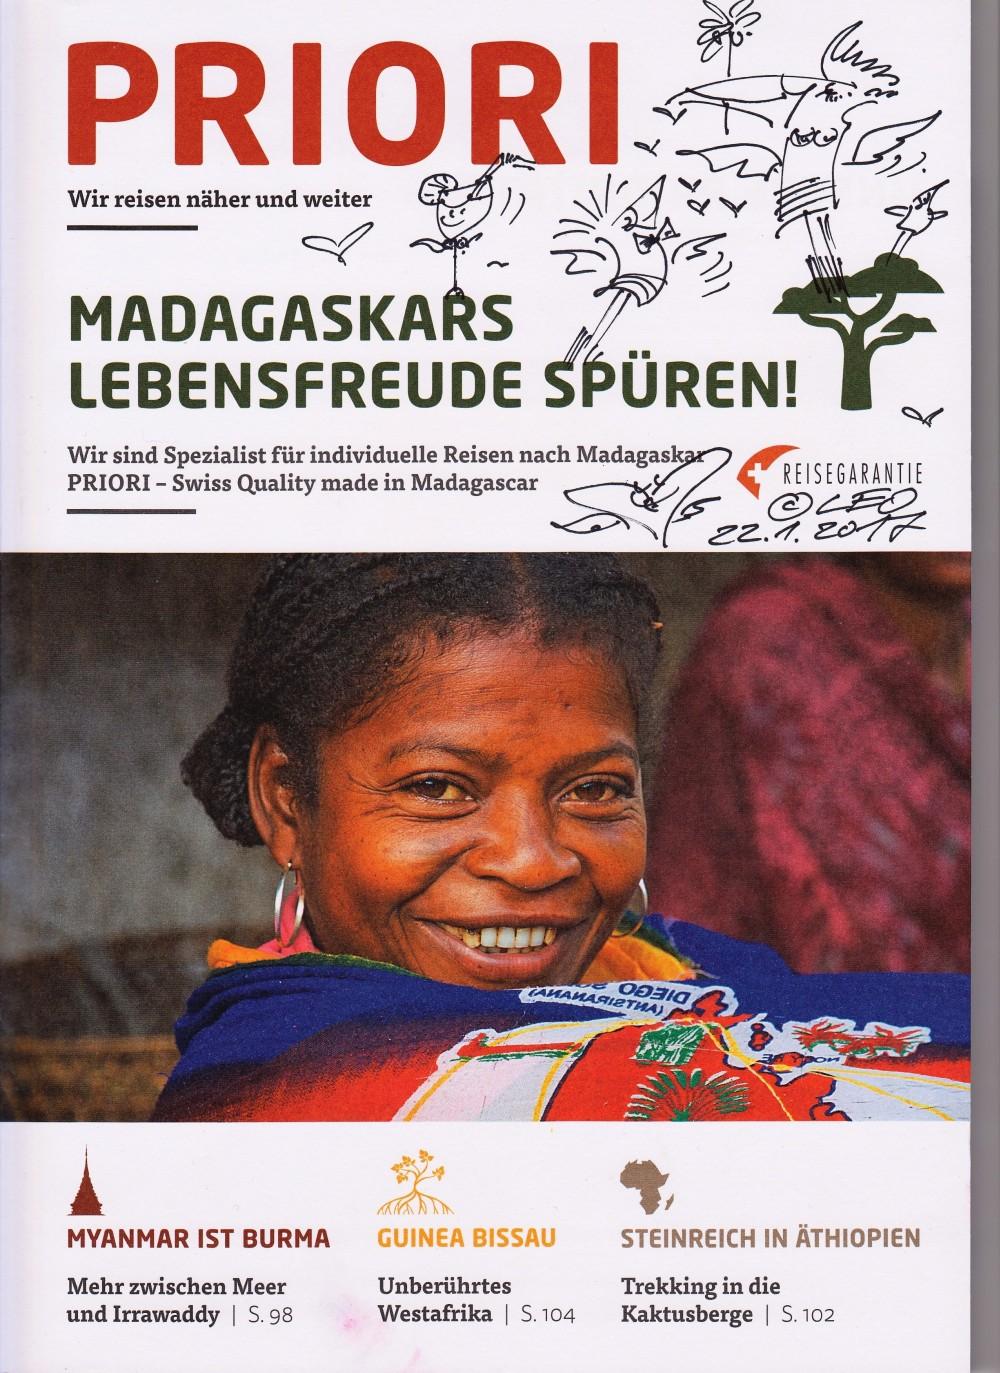 PRIORI Madagaskar Katalog Kunst Kay Leo Leonhardt